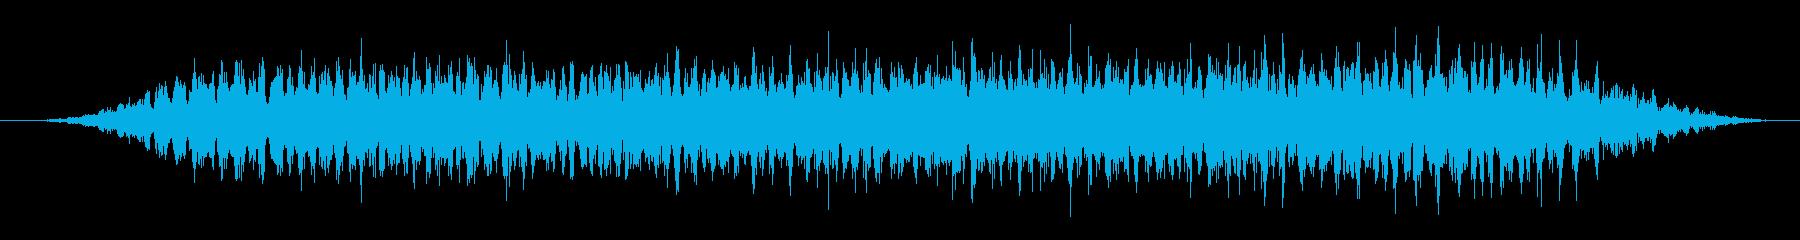 カエル/合唱/田んぼ(20秒Ver.)の再生済みの波形